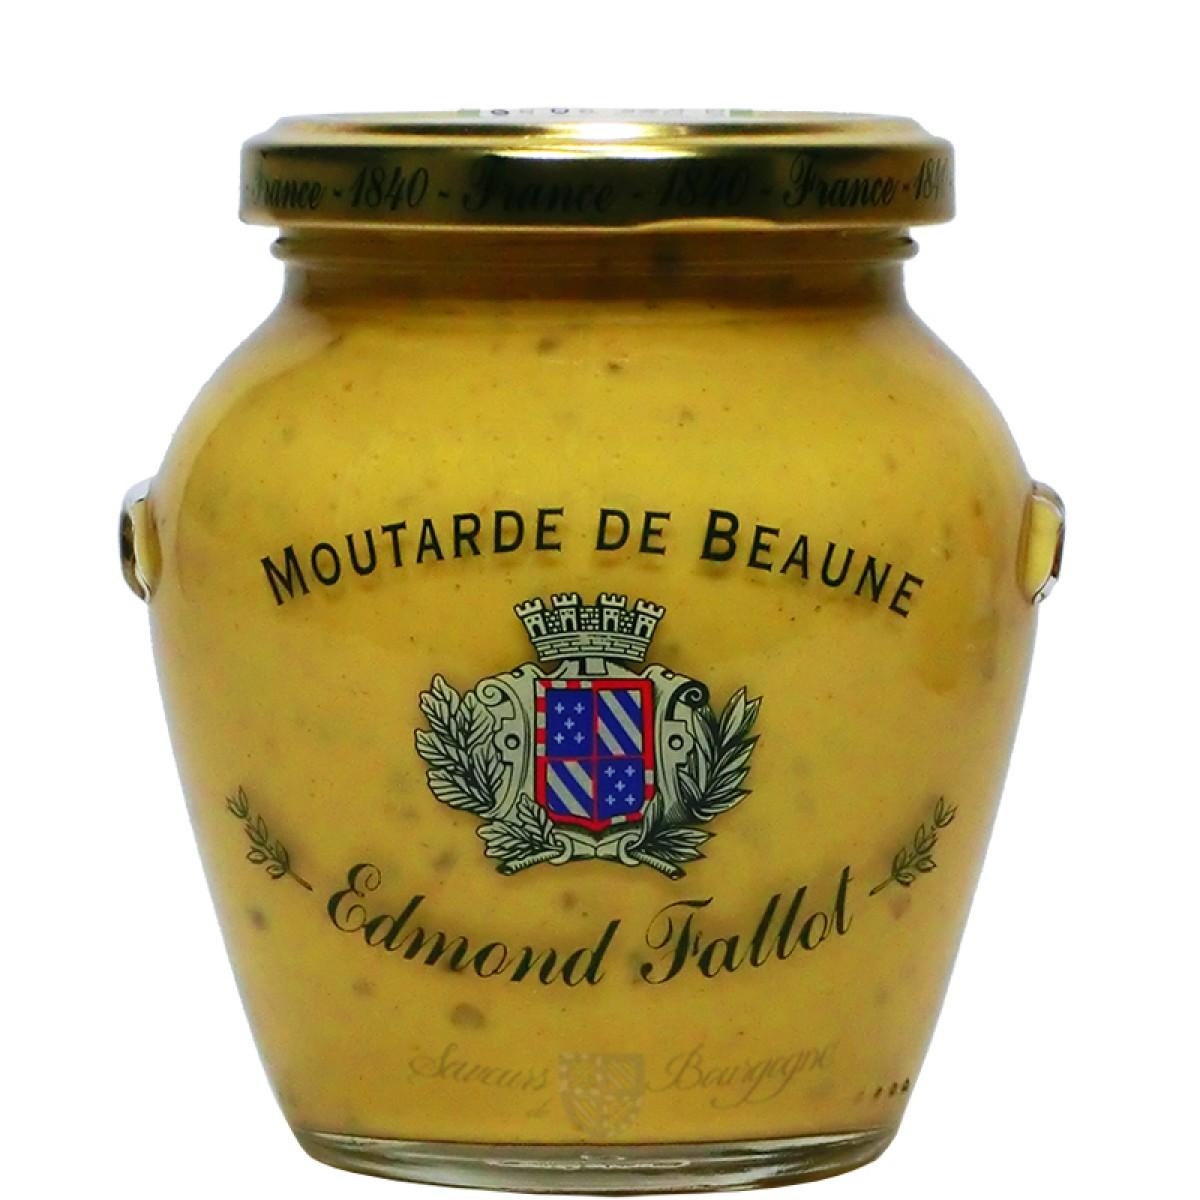 Moutarde au poivre vert 310g fallot moutarde fallot me m producteurs - Moutarde fallot vente ...